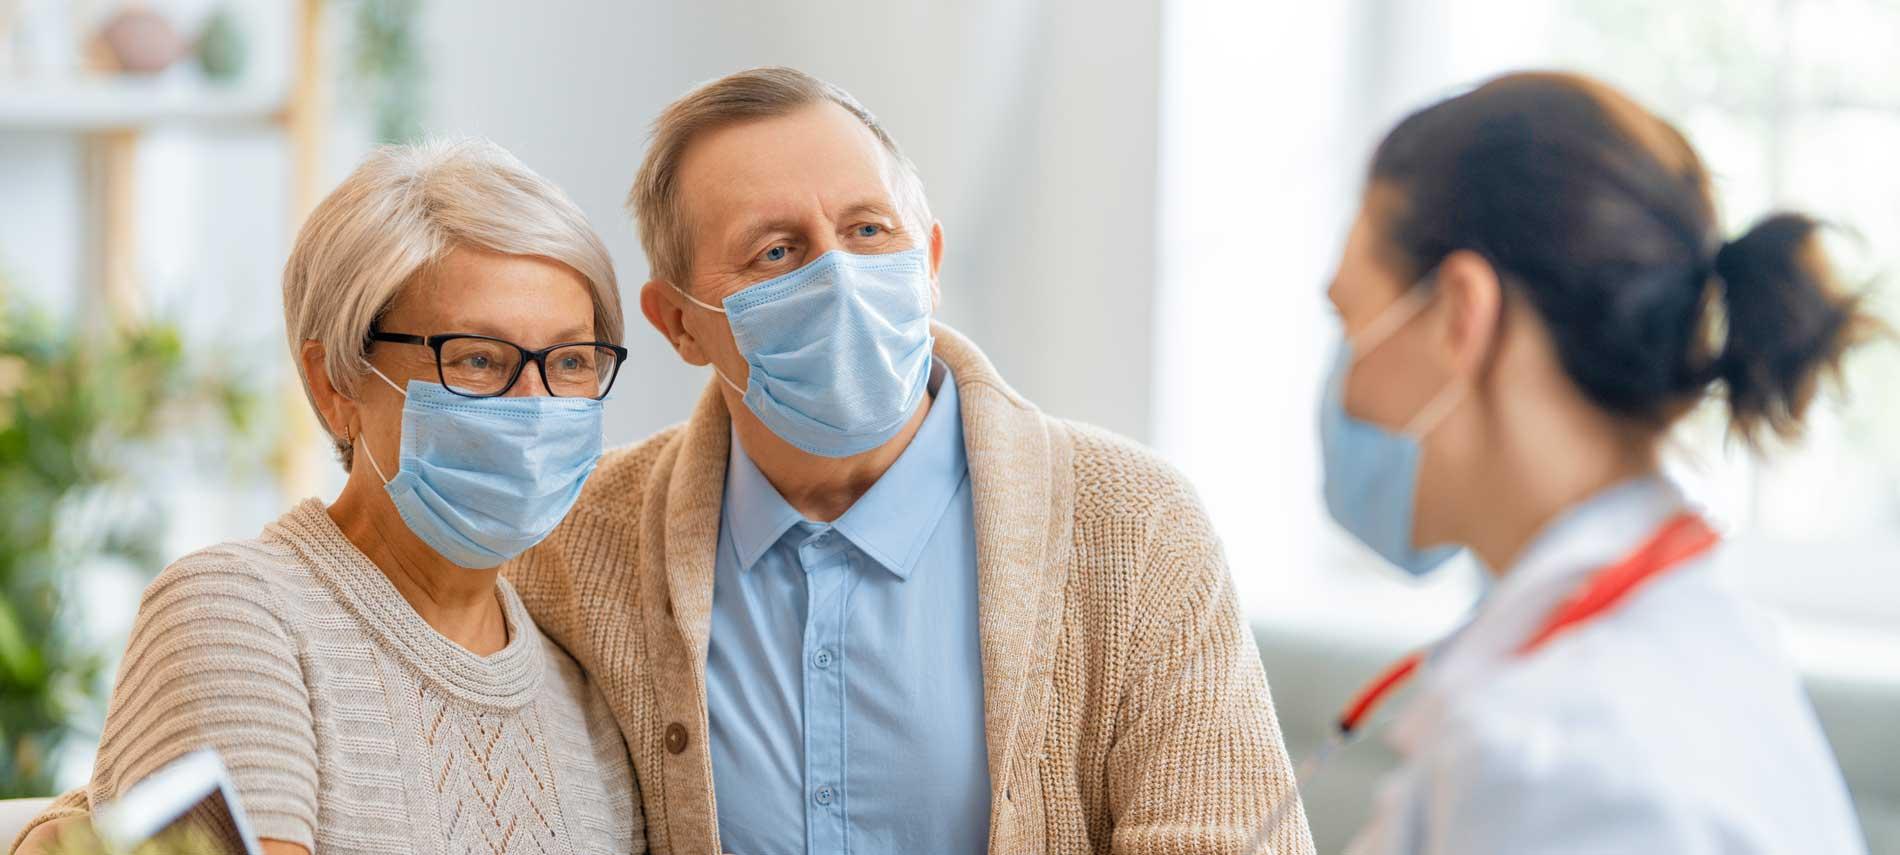 Die Coronakrise stelle Pflegende vor neue Herausforderungen